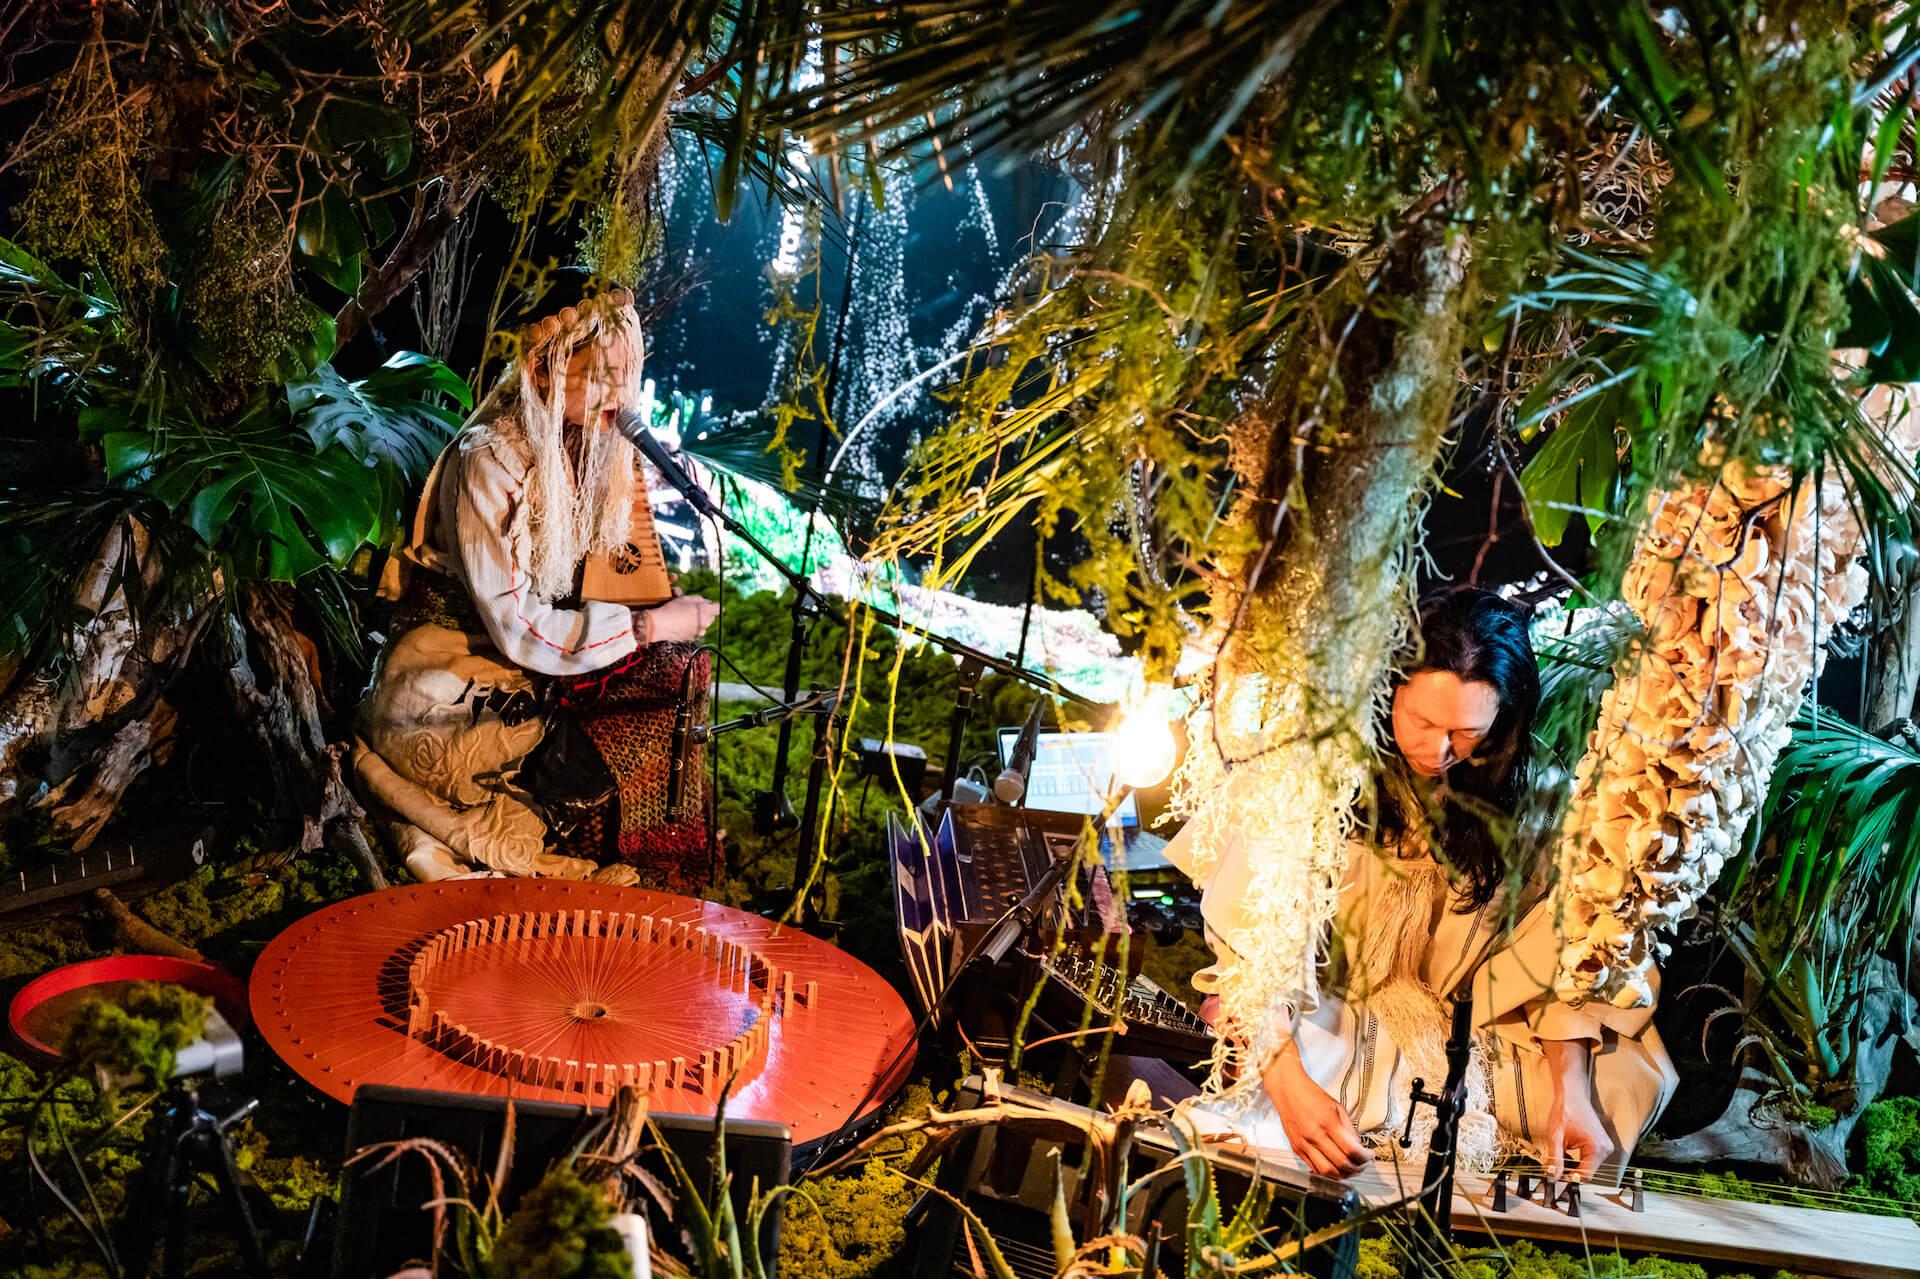 YAKUSHIMA TREASUREの死生観とポストコロナの表現 屋久島の原生林でのライヴ作品『ANOTHER LIVE』に迫る music210219_yakushimatreasure_17